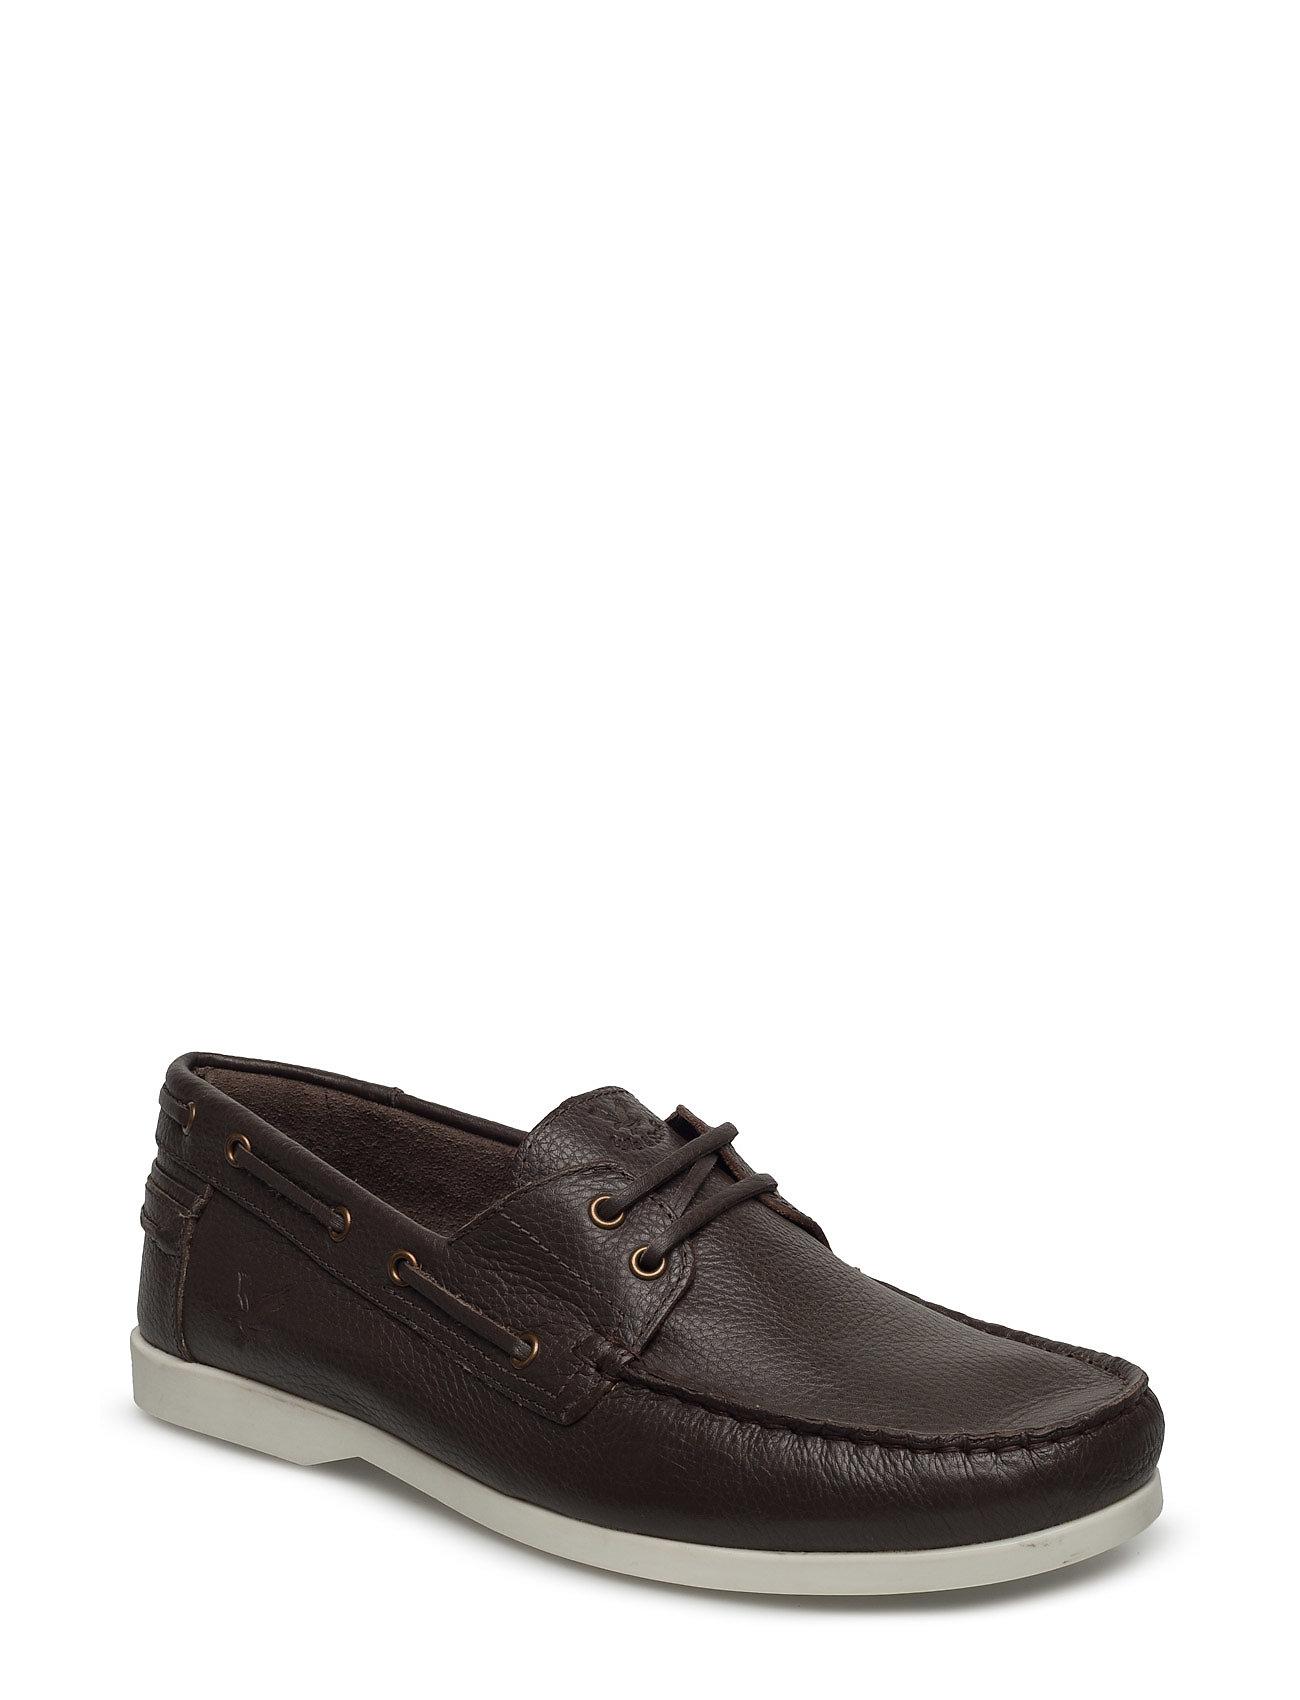 Garvan Leather Lyle & Scott Casual sko til Herrer i Mørkebrun